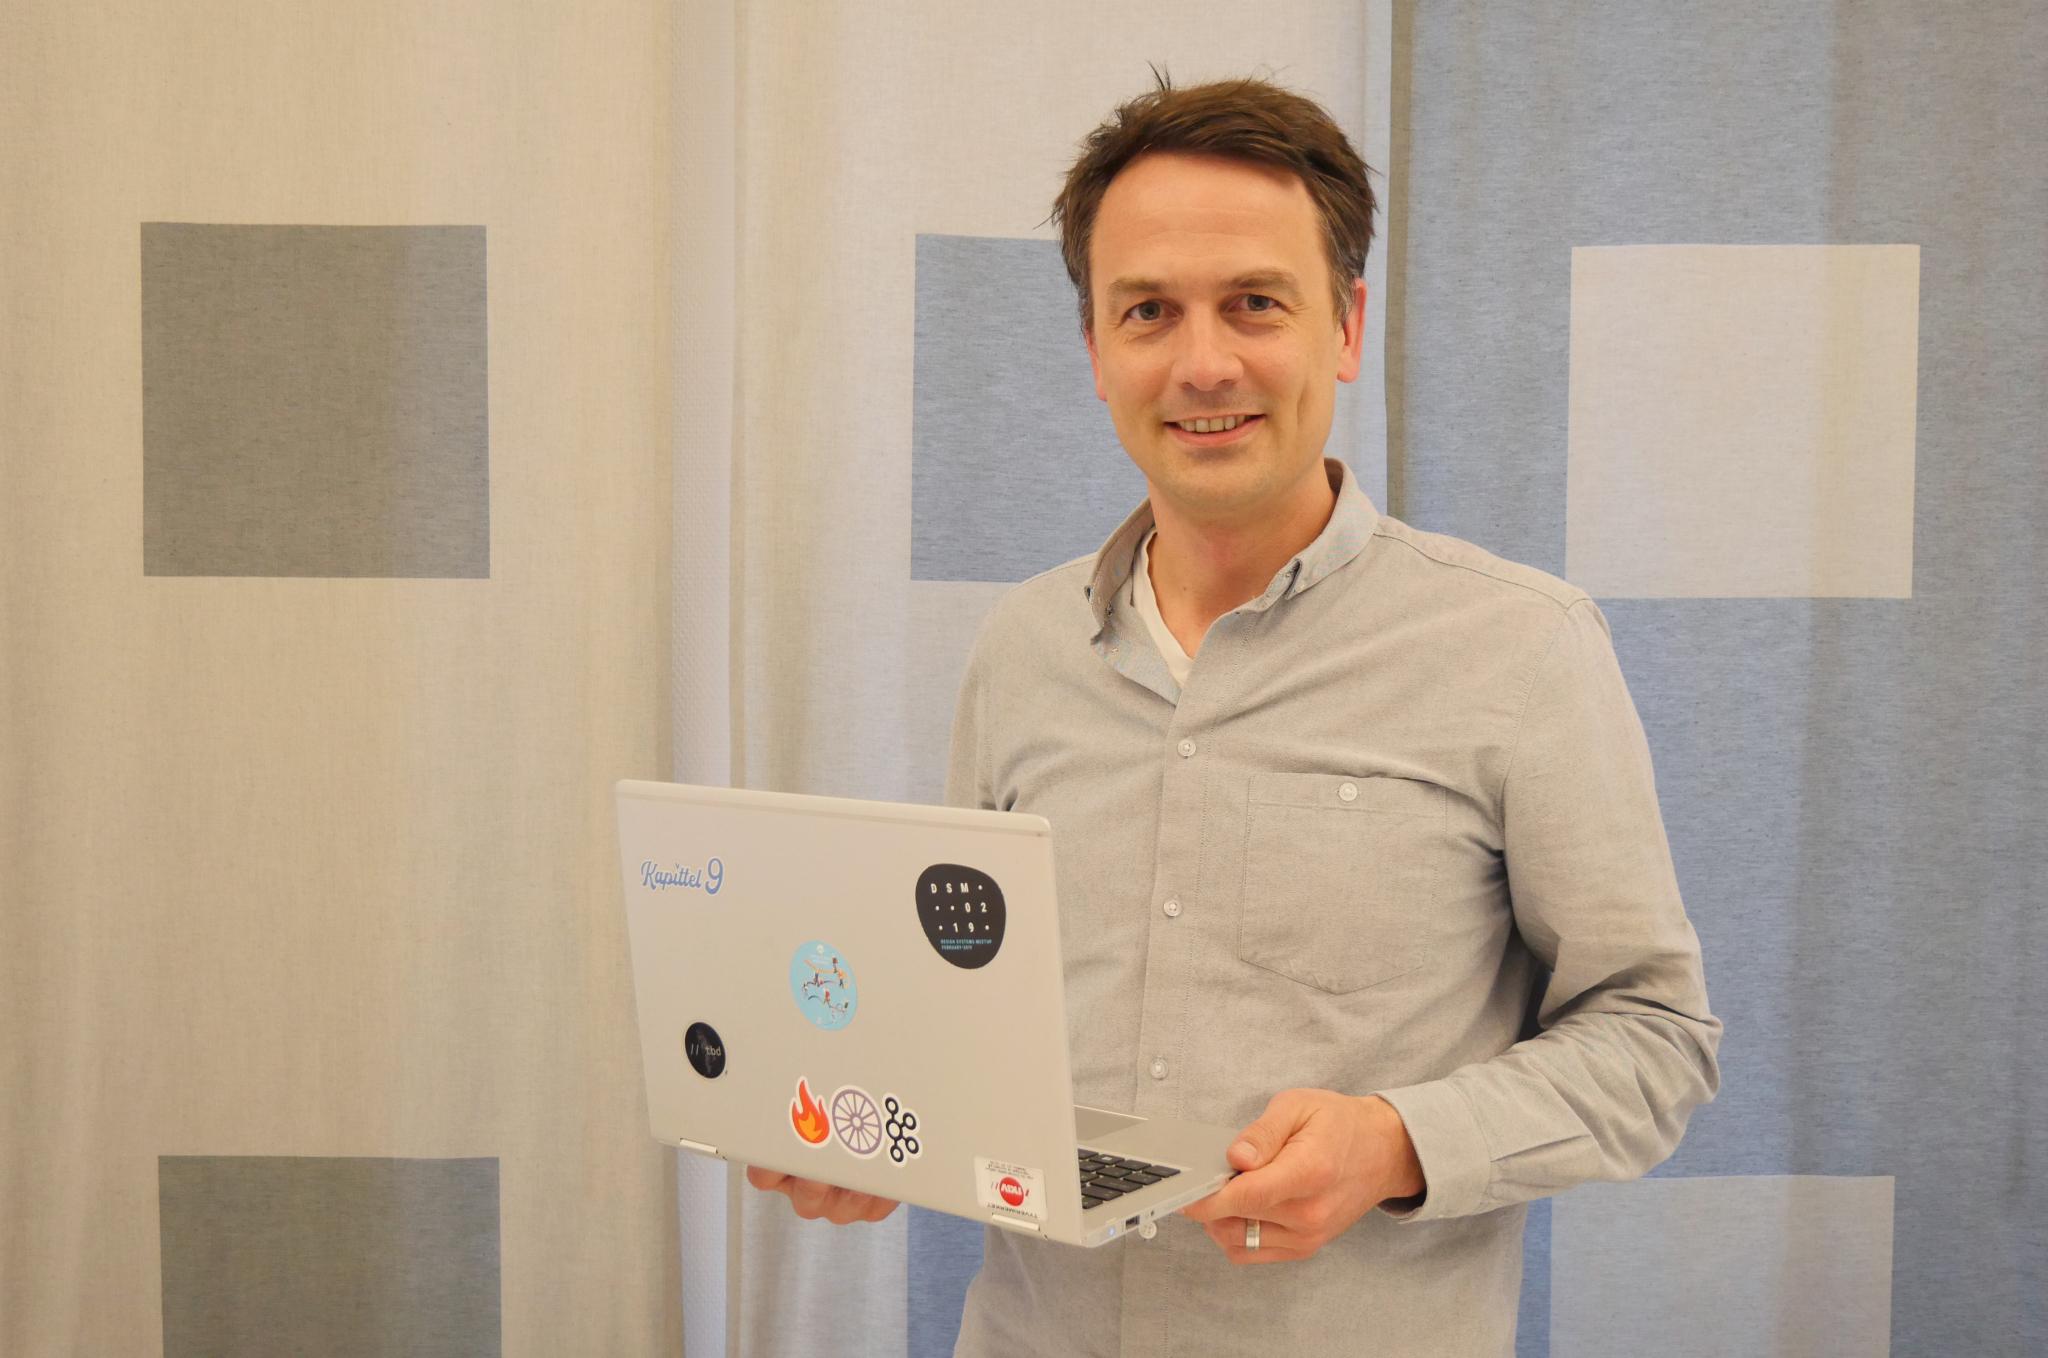 VIKTIG MED MANGFOLD: Jonas Slørdahl Skjærpe leder NAV IT, som har omkring 700 ansatte. – Jeg er stolt av at vi har et mangfold i IT-avdelingen med hensyn til kjønn, alder og kulturell bakgrunn. Det er helt avgjørende for å lykkes med å lage gode tjenester til hele befolkningen.